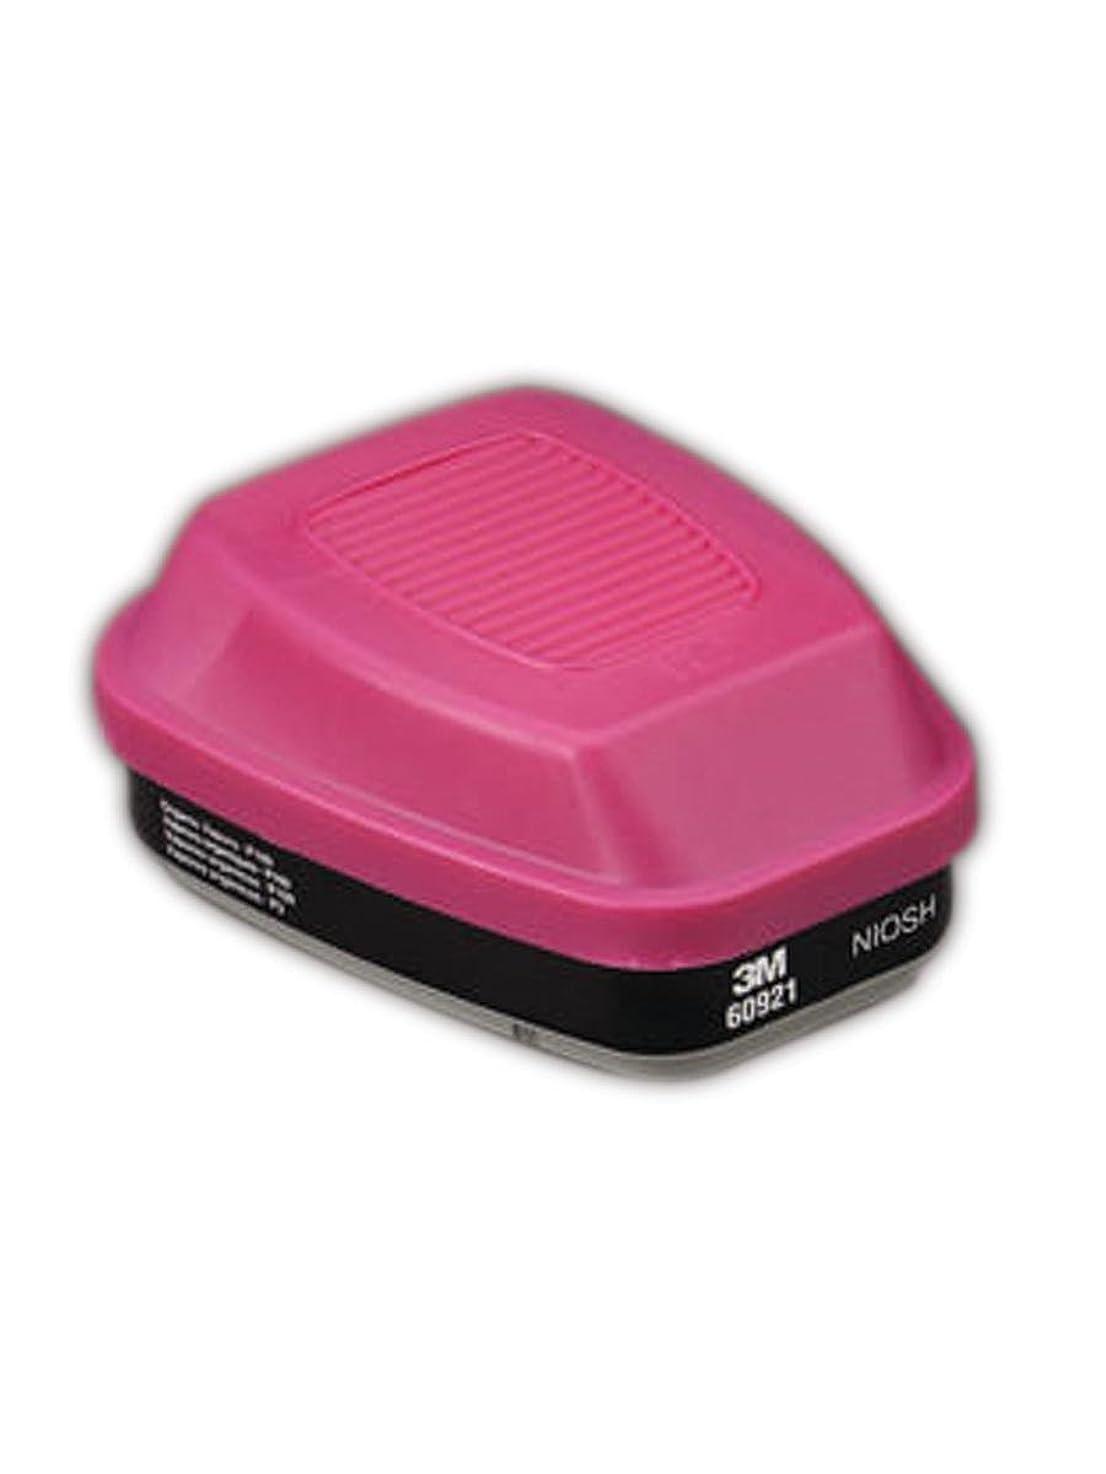 3M 50051138464658 Cartridge/Filter 60921, Organic Vapor/P100 (Pack of 2)